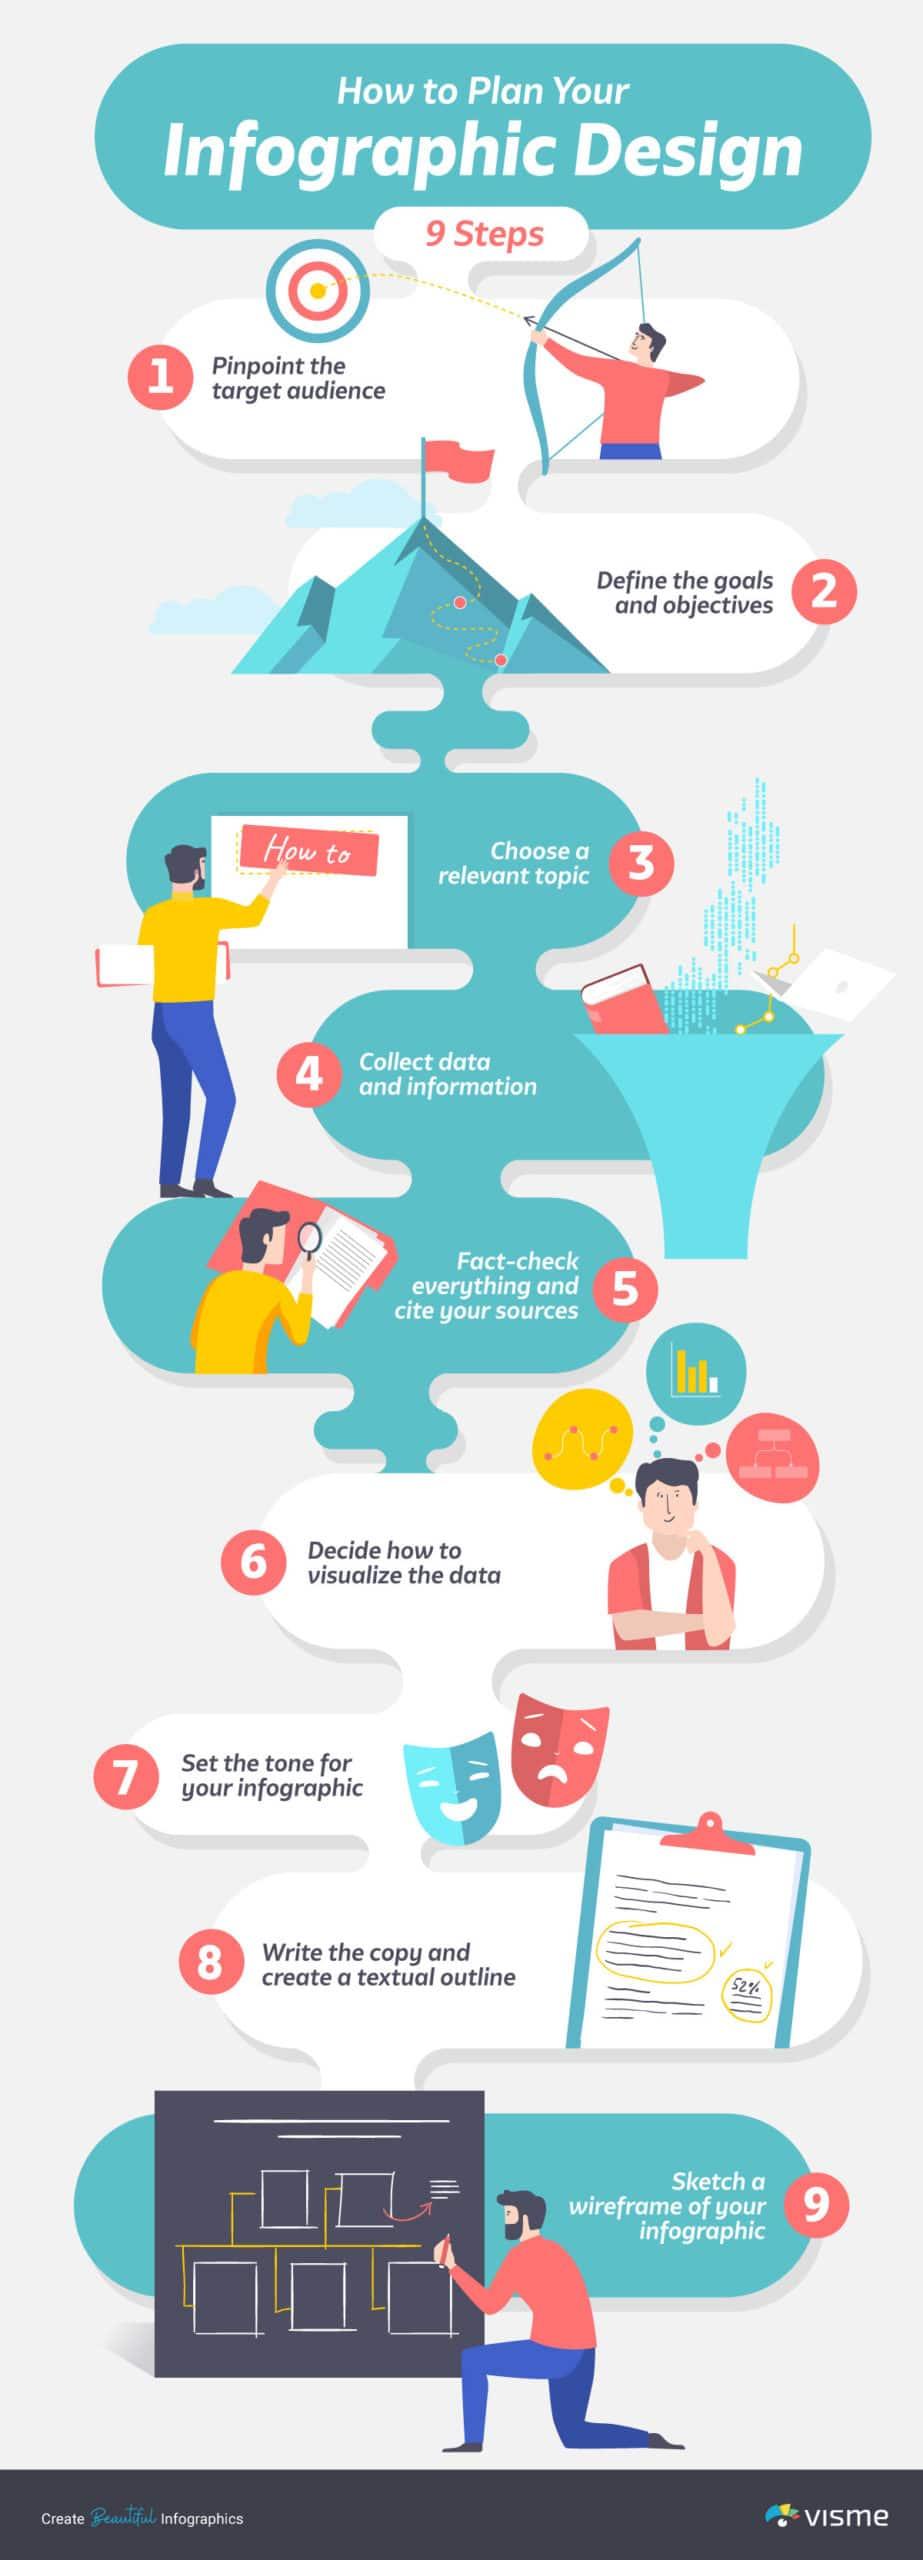 Les differentes etapes pour creer une infographie